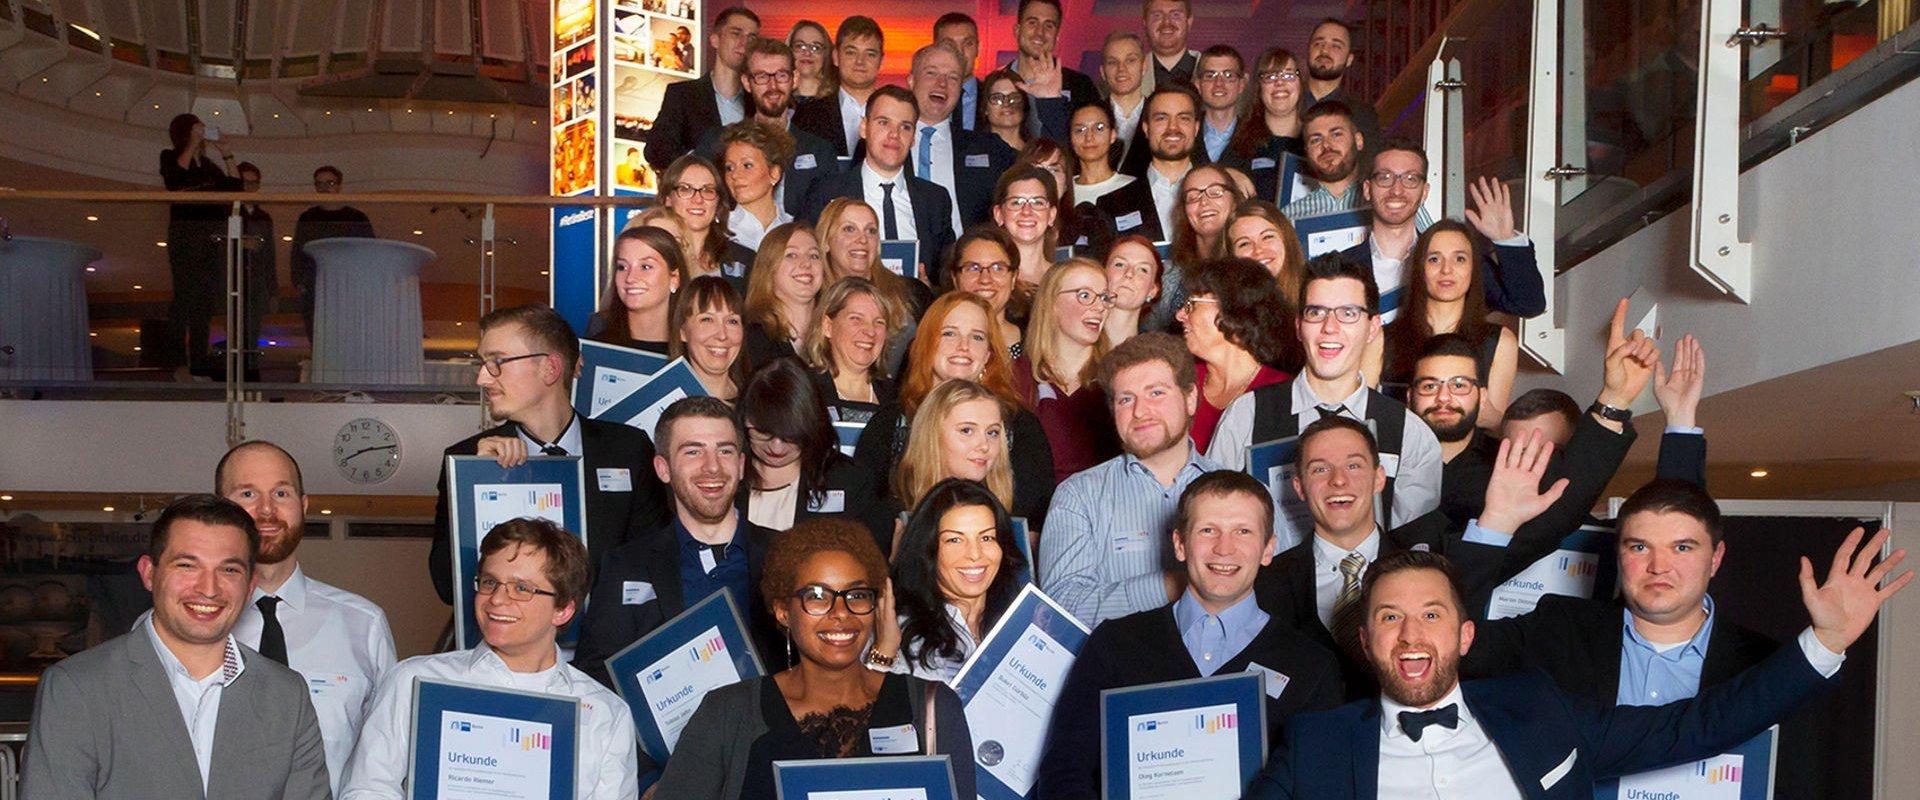 """Beitragsbild des Corporateblogs: """"IHK-Auszeichnung für Spitzen-Azubis von OPTIMAL SYSTEMS"""" Gruppenfoto der Spitzenazubis"""